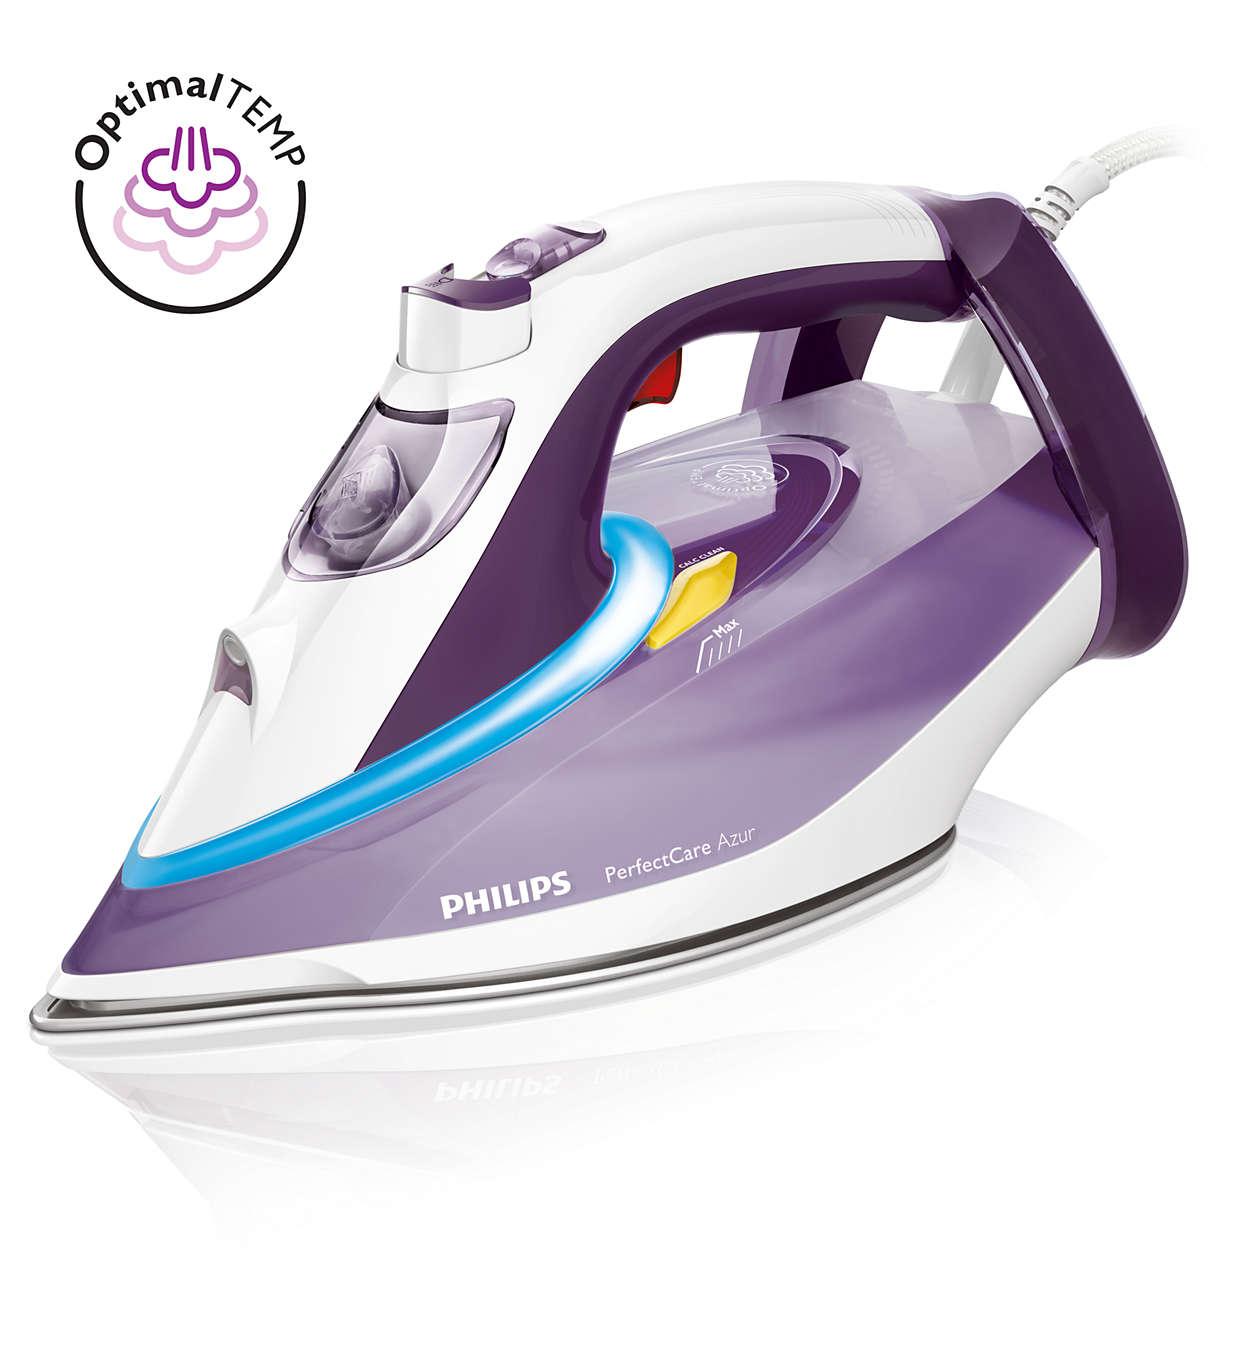 La plancha de vapor más rápida de Philips*